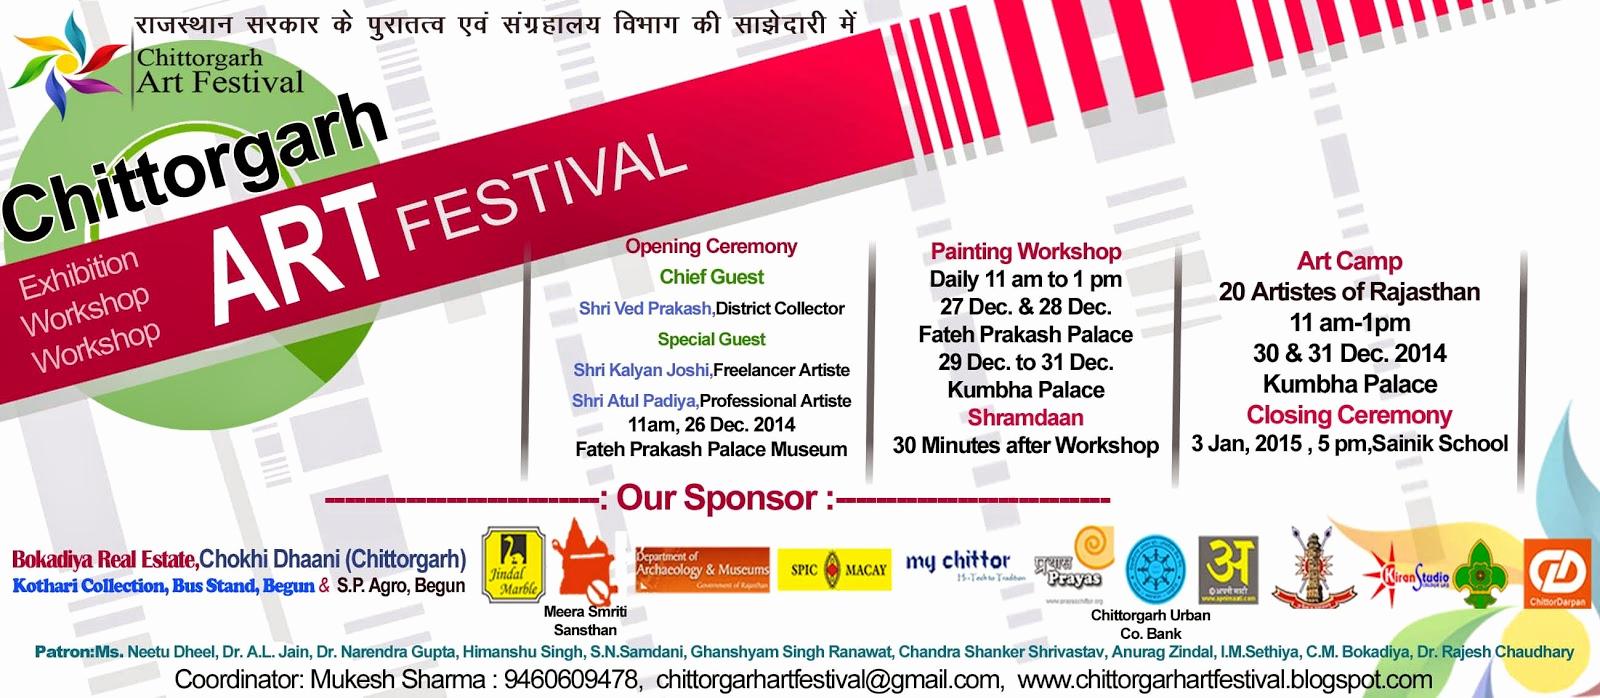 Art Show Invitation Wording Unique Our Invitation Card Chittorgarh Art Festival